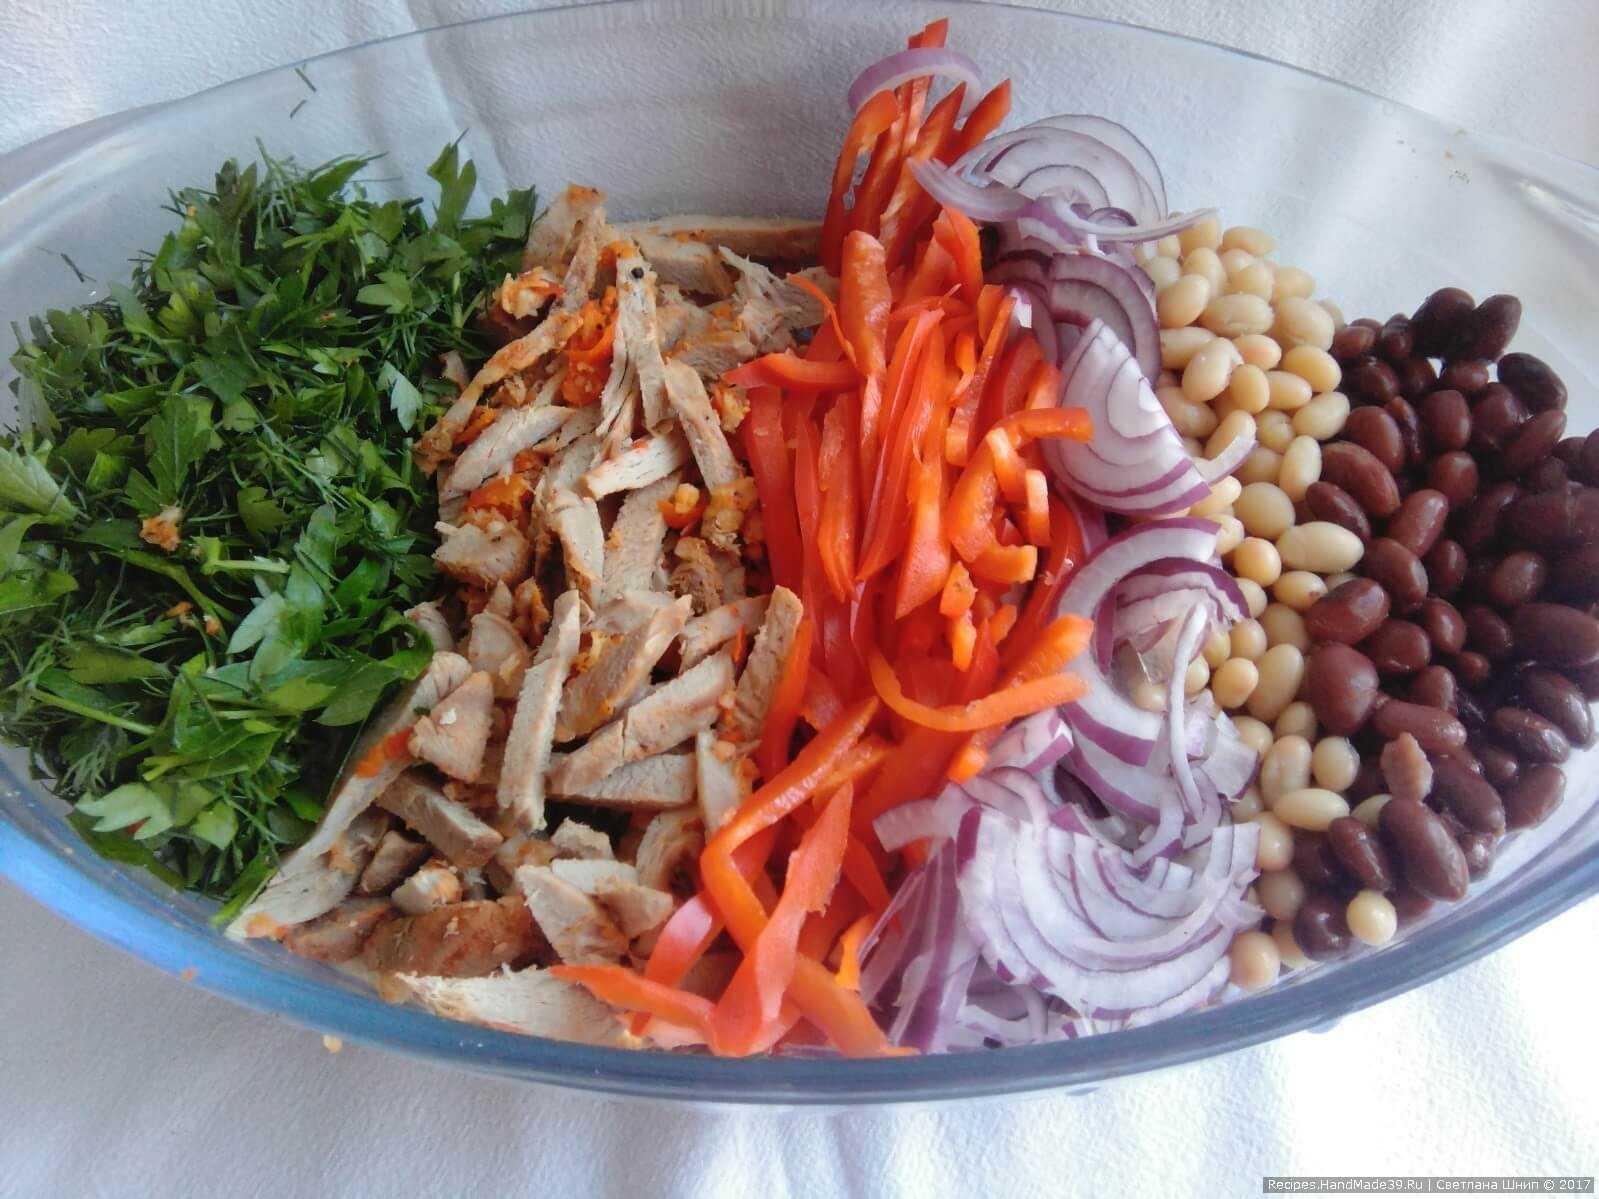 Пошаговый рецепт приготовления салата тбилиси с фото